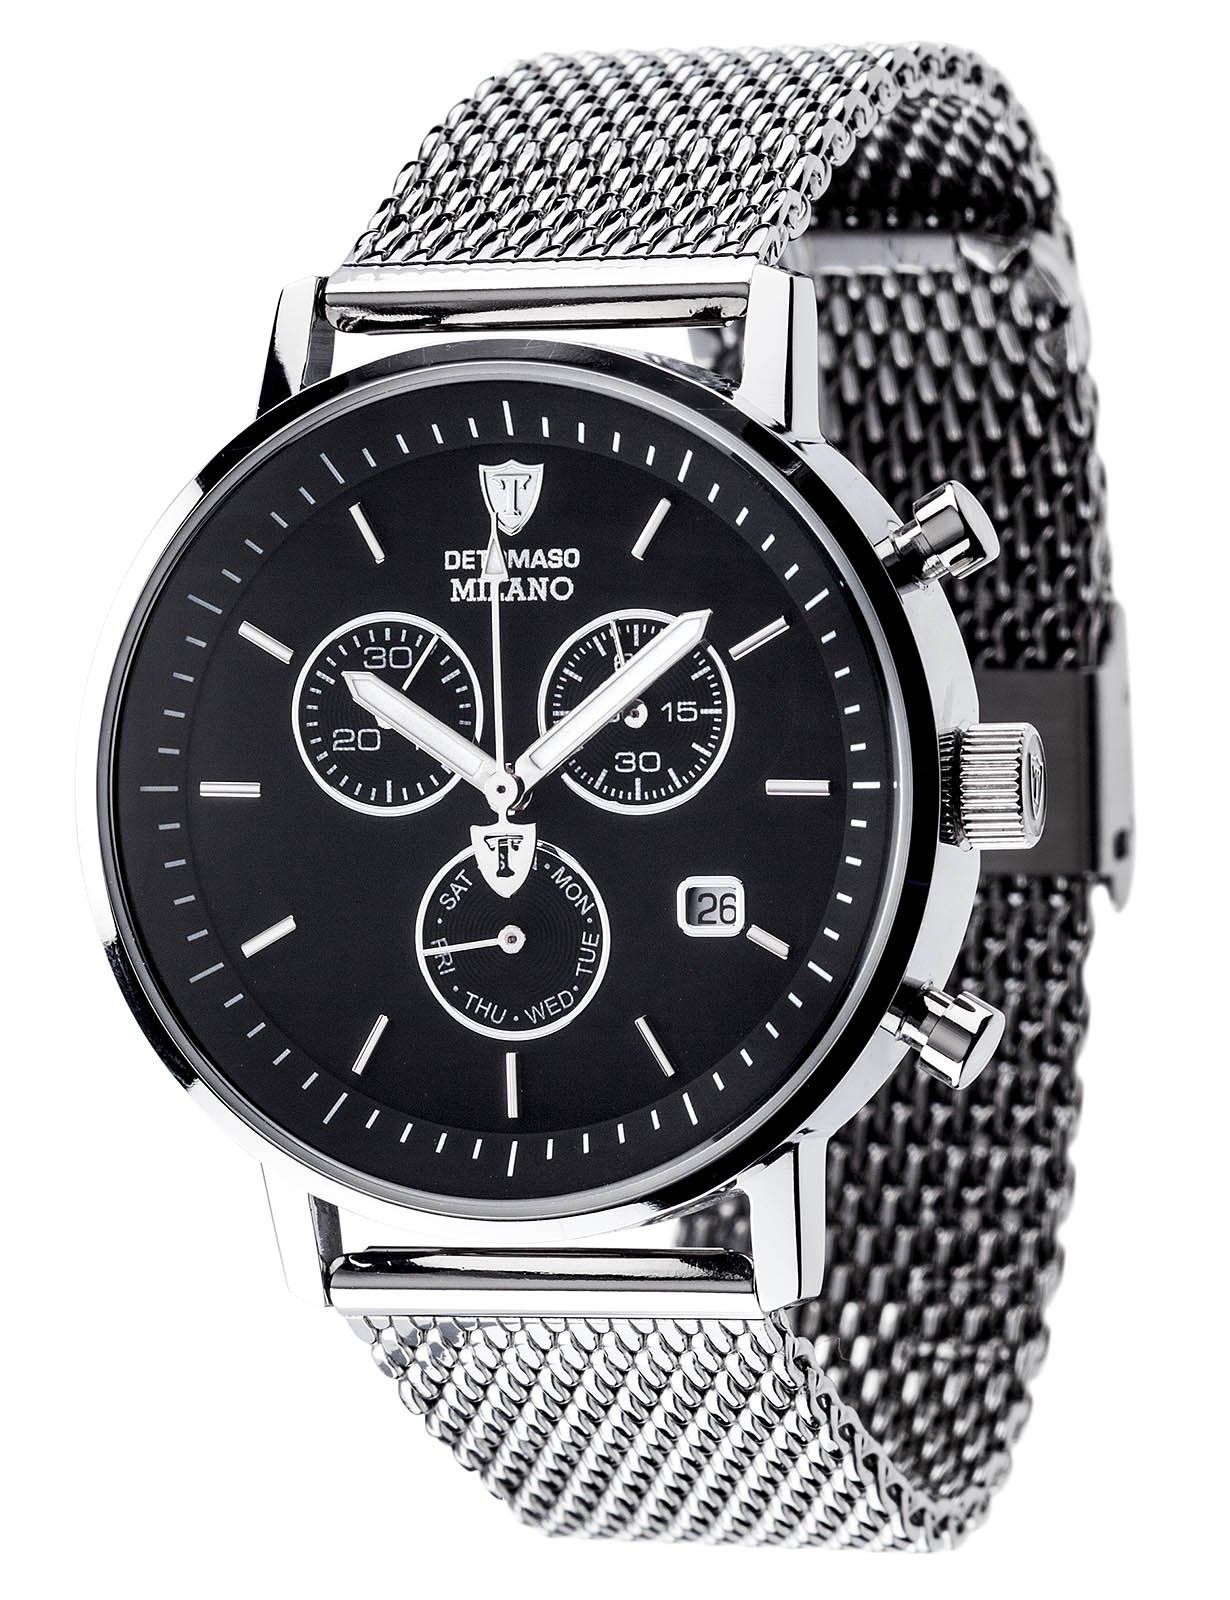 Reloj Detomaso Milano Dt1052-O para hombre, con mecanismo de cuarzo, cronógrafo, esfera negra y correa de cuero negro